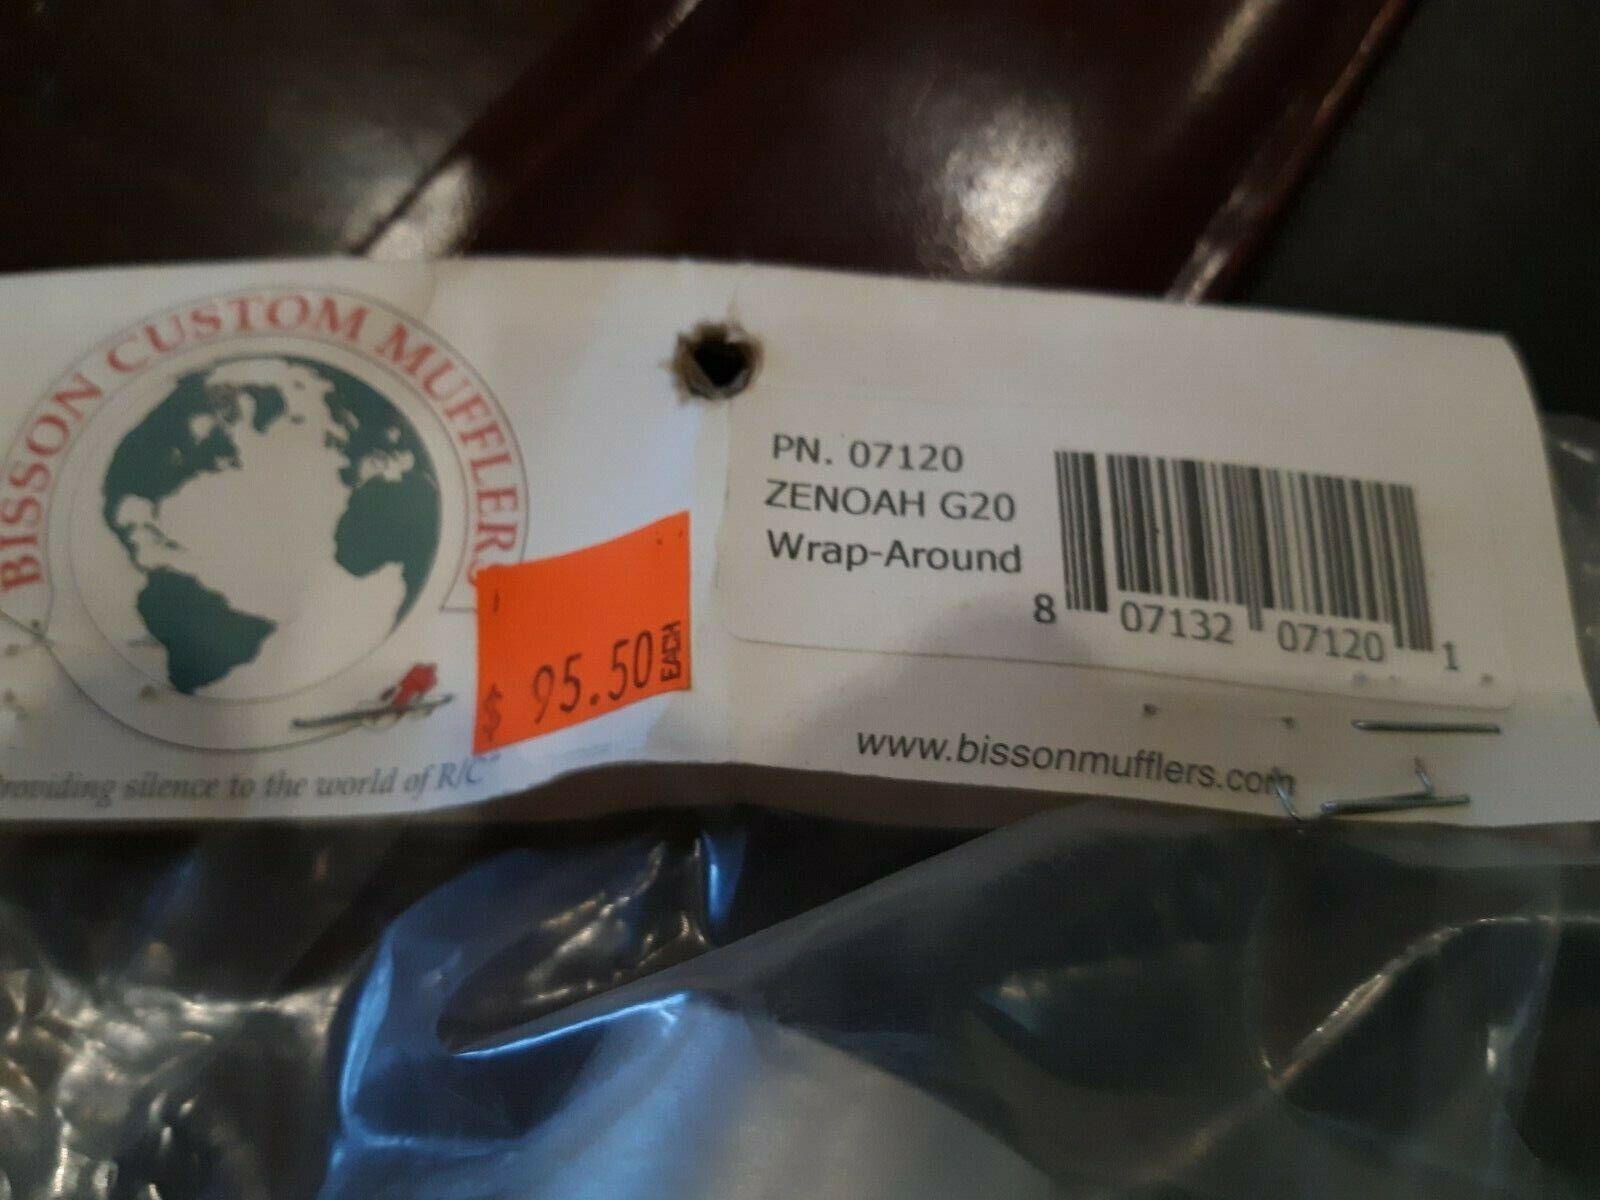 BISSON Personalizado SILENCIADOR PN 7120 ZENOAH G20 INverdeED envoltura alrojoedor de nuevo en el paquete.